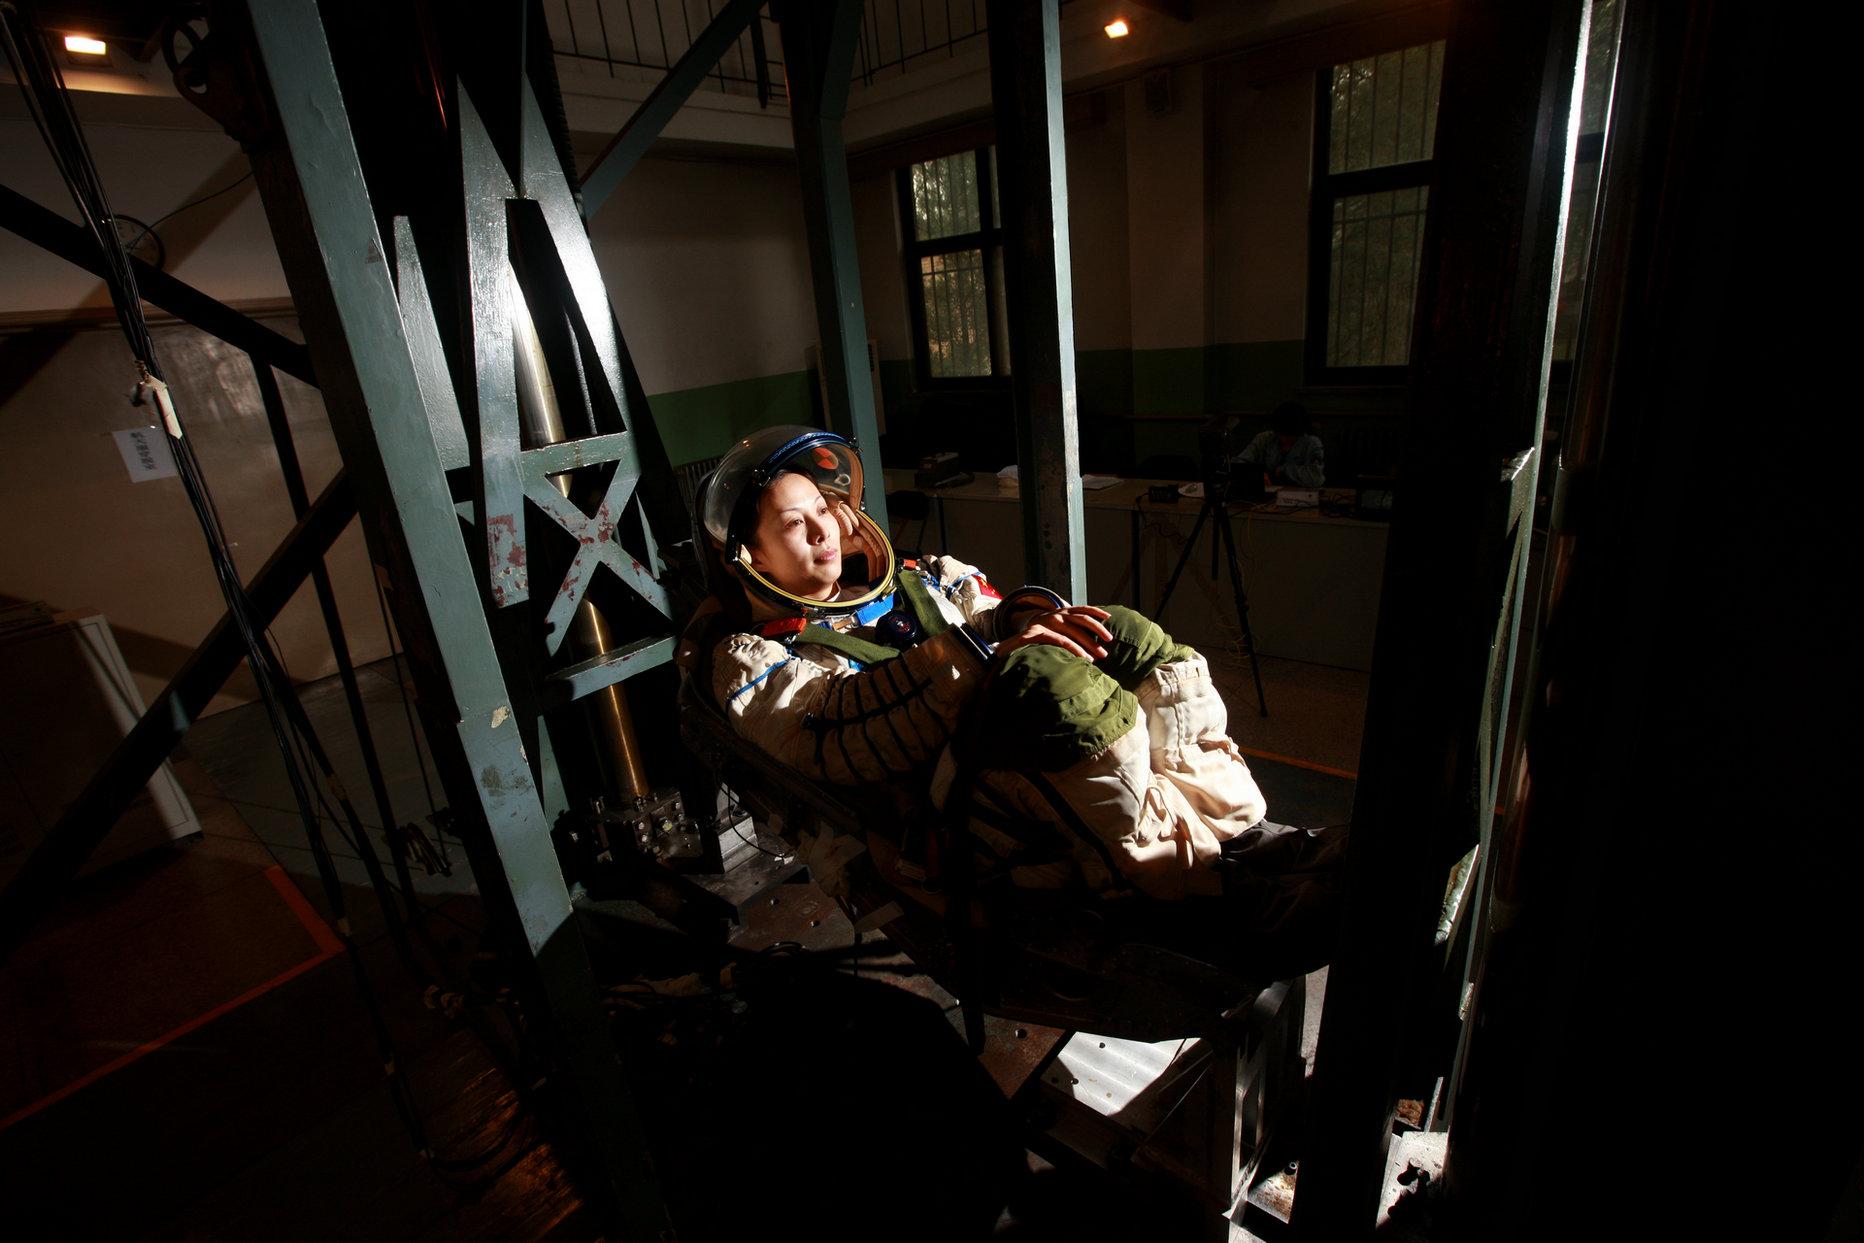 2011年07月22日 王亚平在冲击塔进行冲击训练 摄影:朱九通